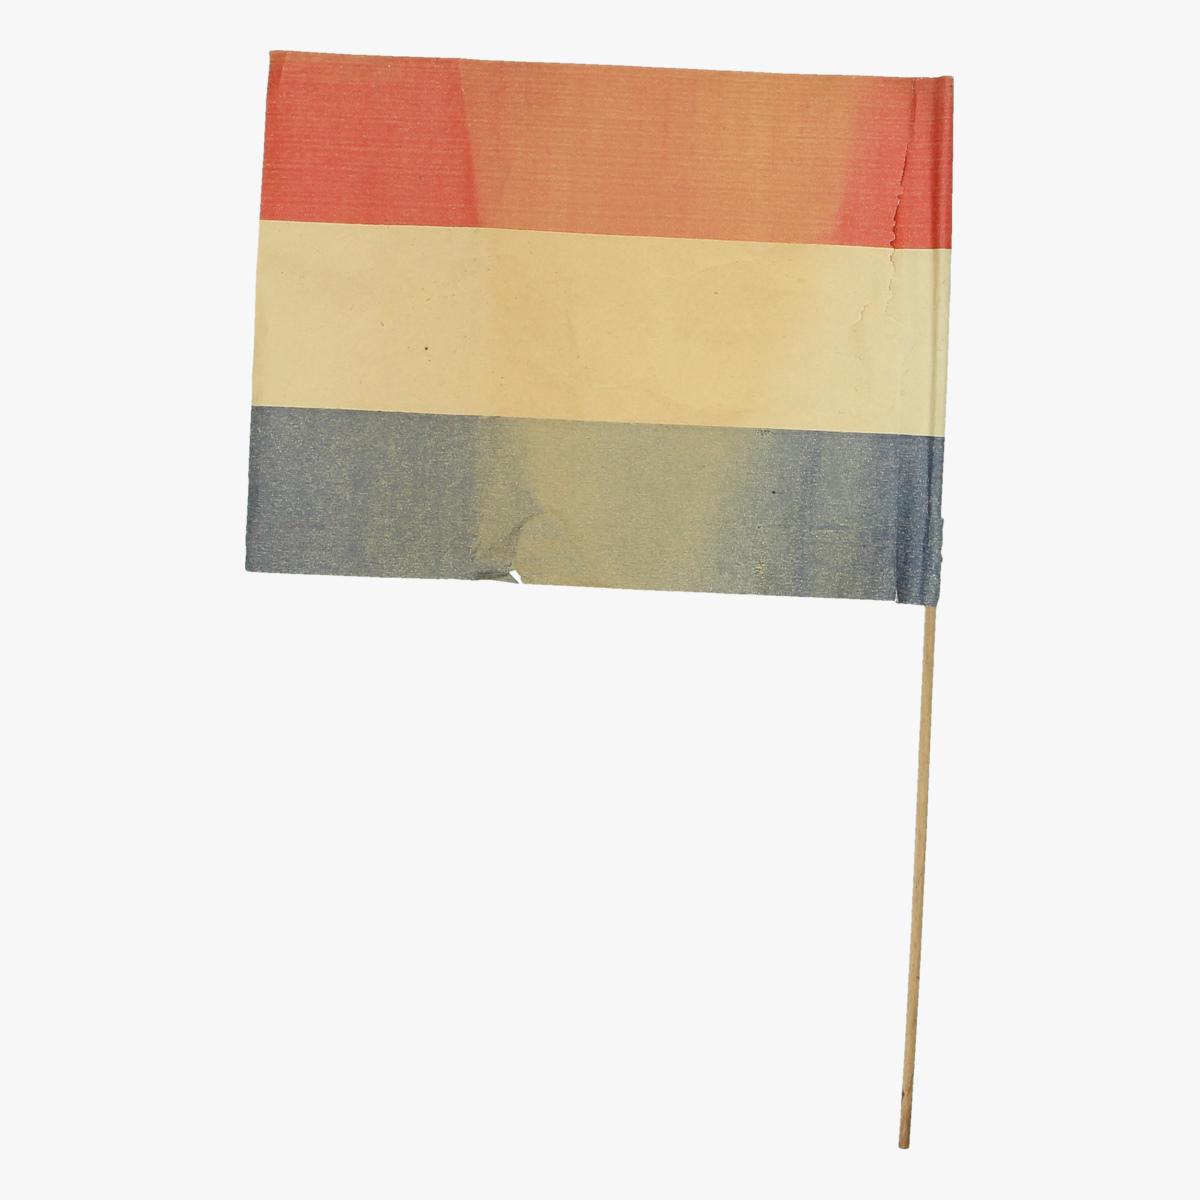 Afbeeldingen van expo 58 papieren nederlandse vlag